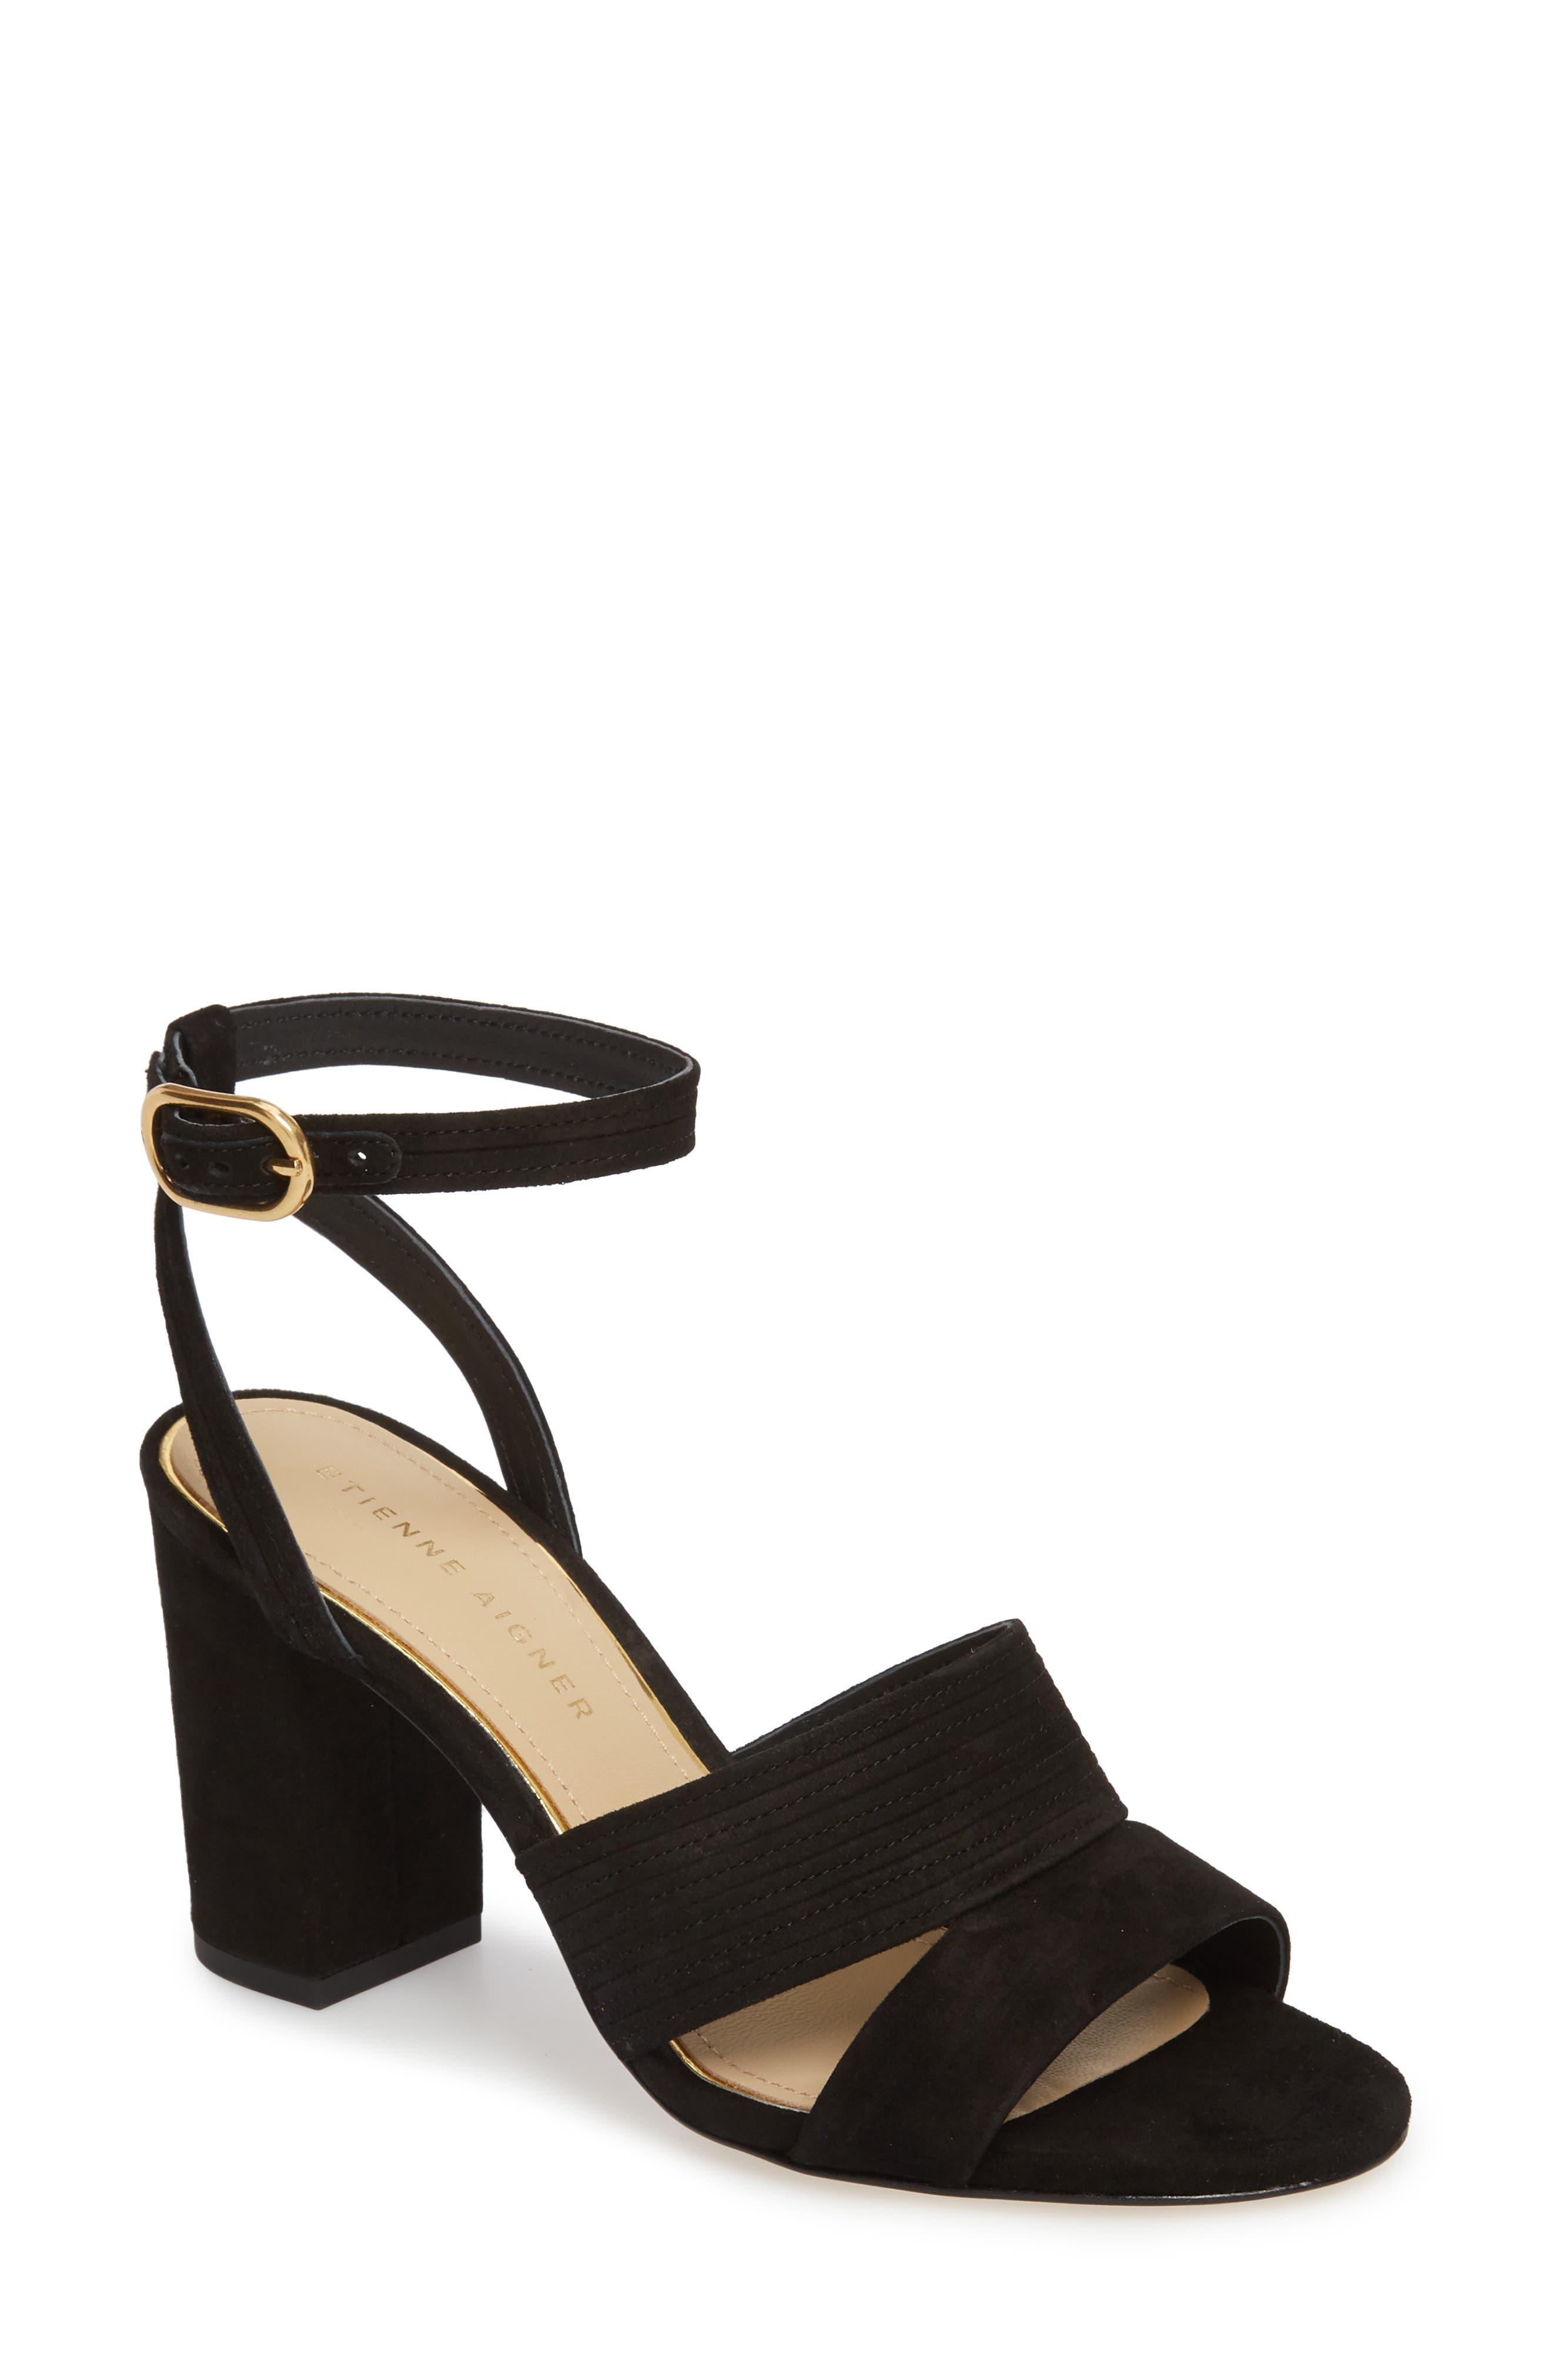 Legend Ankle Strap Sandal,                             Main thumbnail 1, color,                             BLACK SUEDE